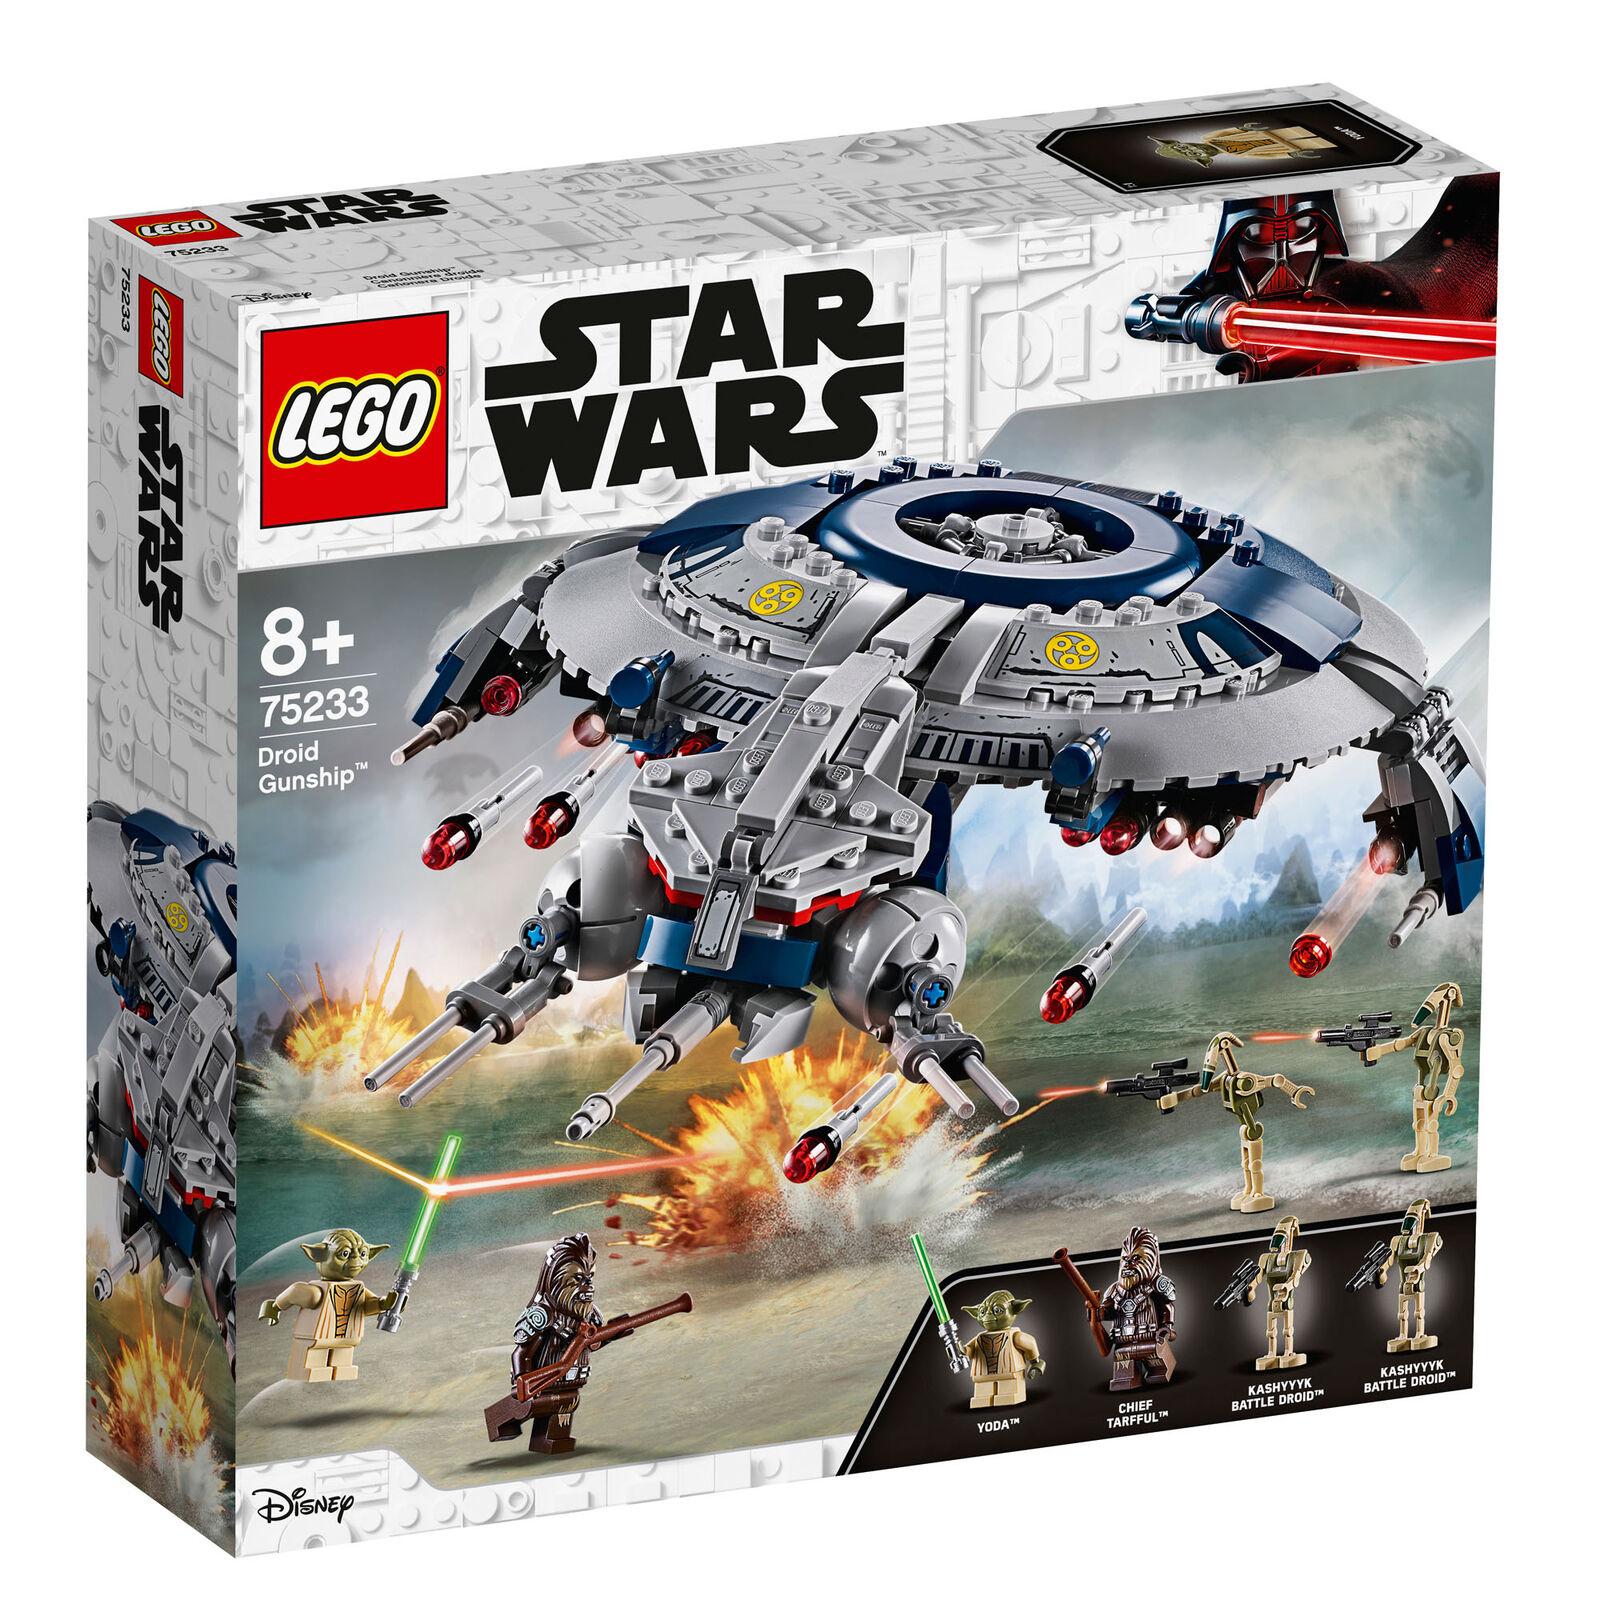 75233 LEGO  Star Wars droid destroyer 389 PIECES 8+ ans nouvelle version pour 2019  sortie